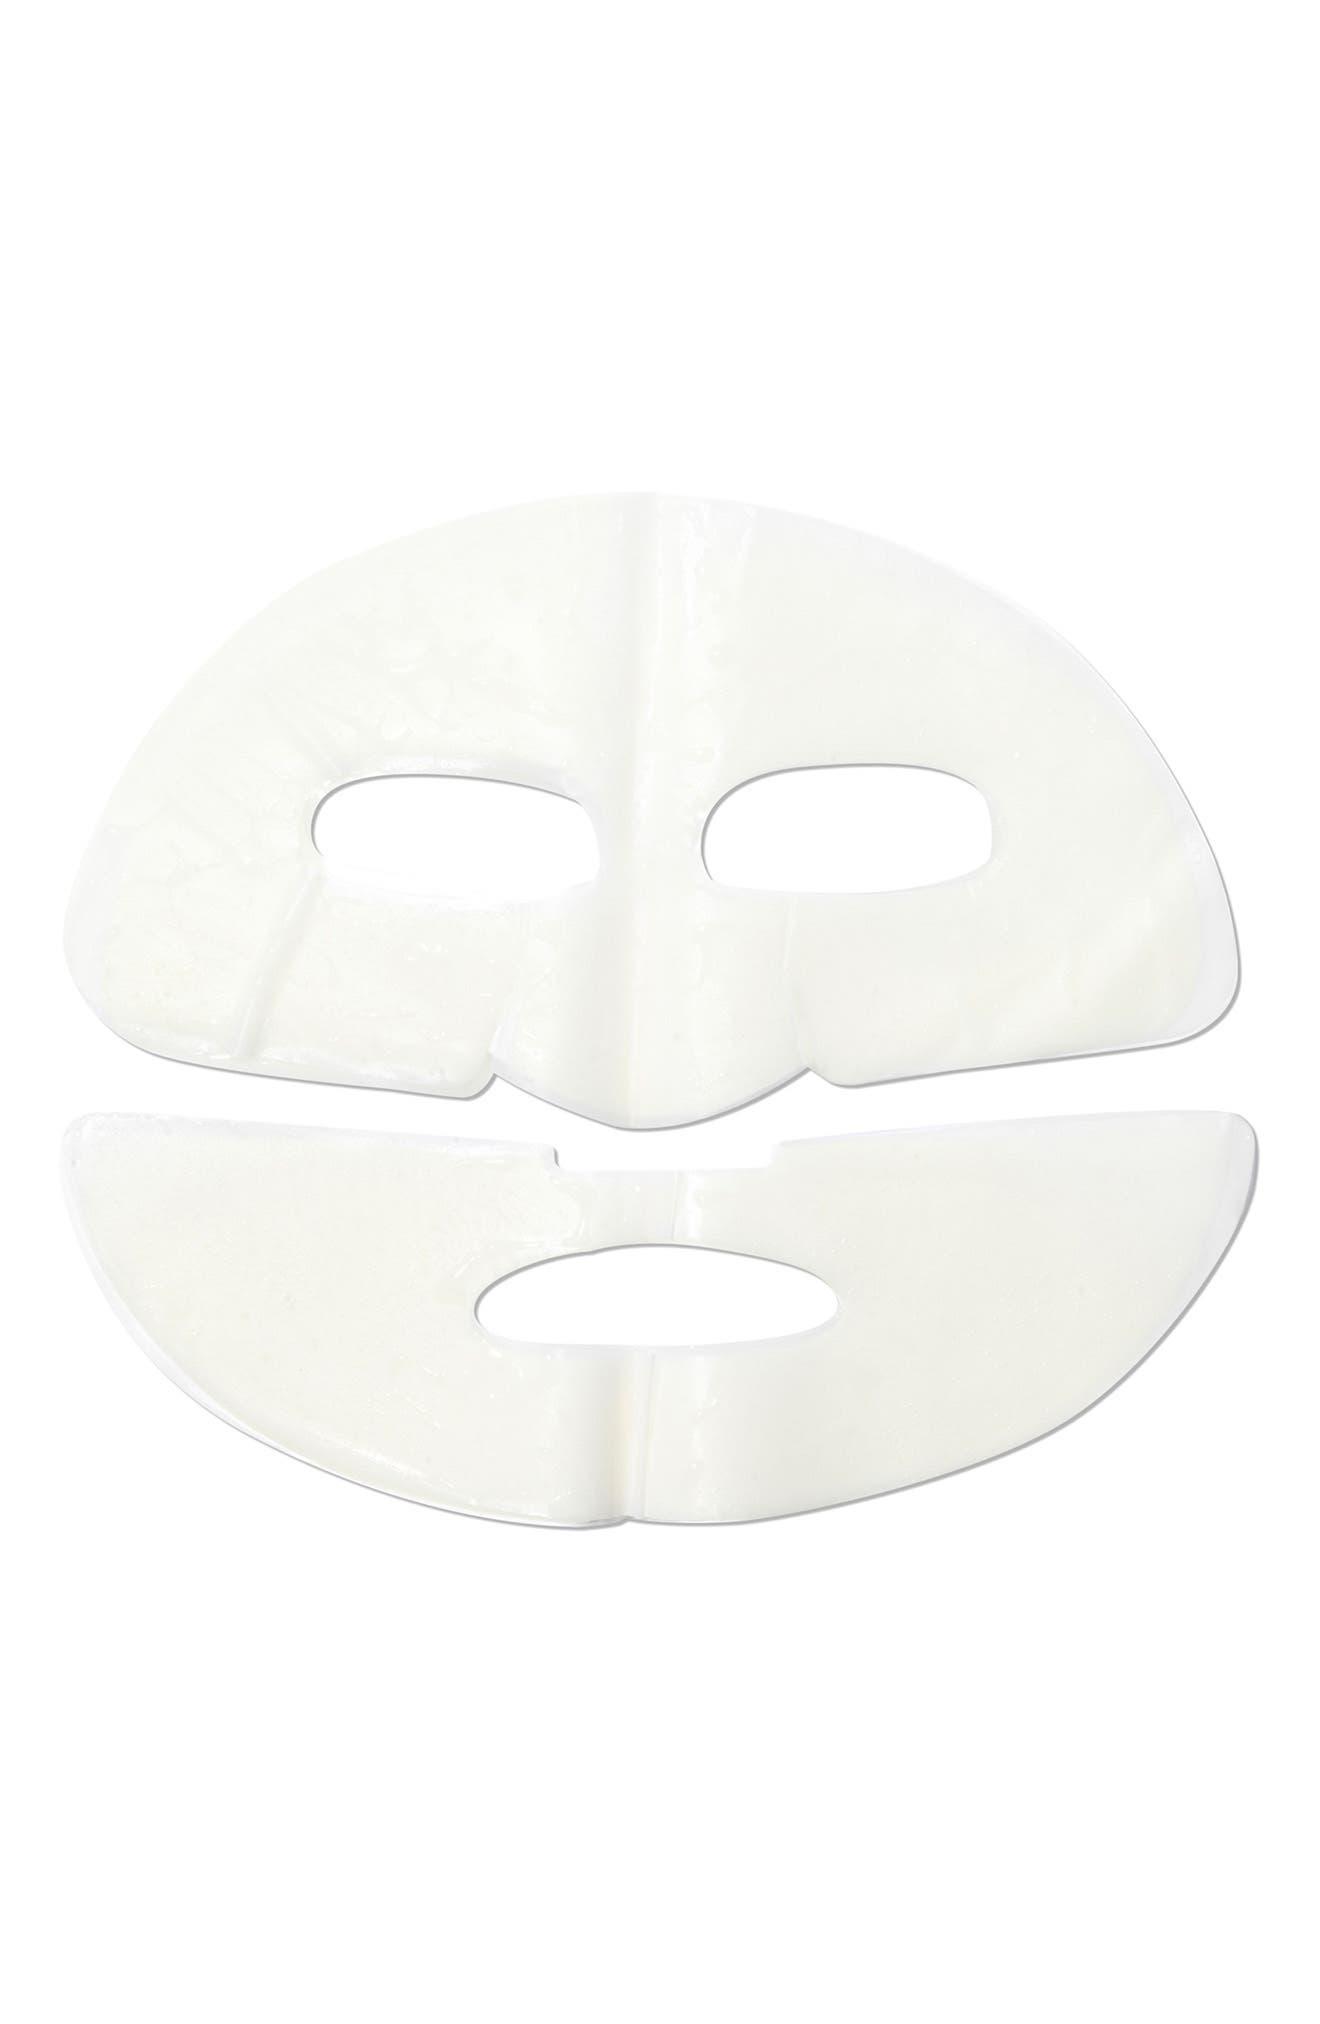 VERSO,                             SPACE.NK.apothecary Verso Skincare Intense Facial Mask,                             Alternate thumbnail 4, color,                             NO COLOR